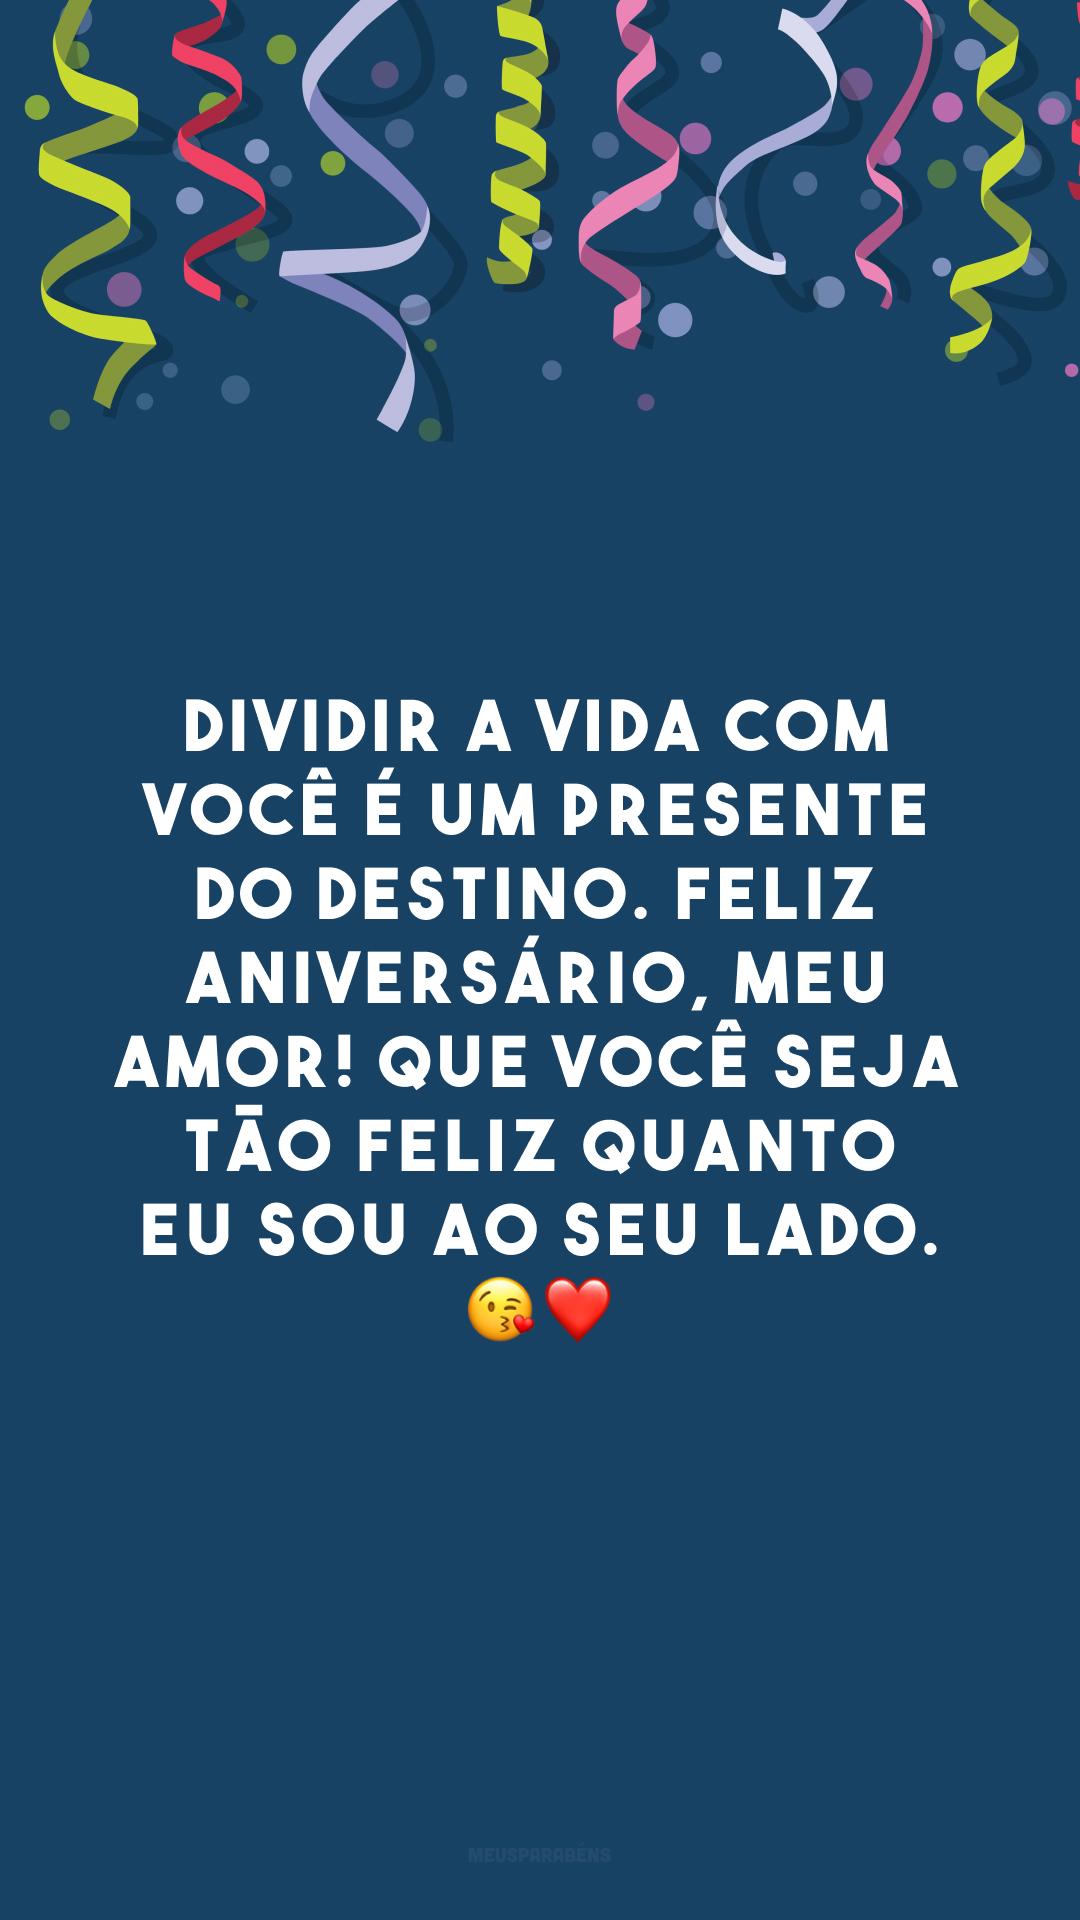 Dividir a vida com você é um presente do destino. Feliz aniversário, meu amor! Que você seja tão feliz quanto eu sou ao seu lado. 😘❤